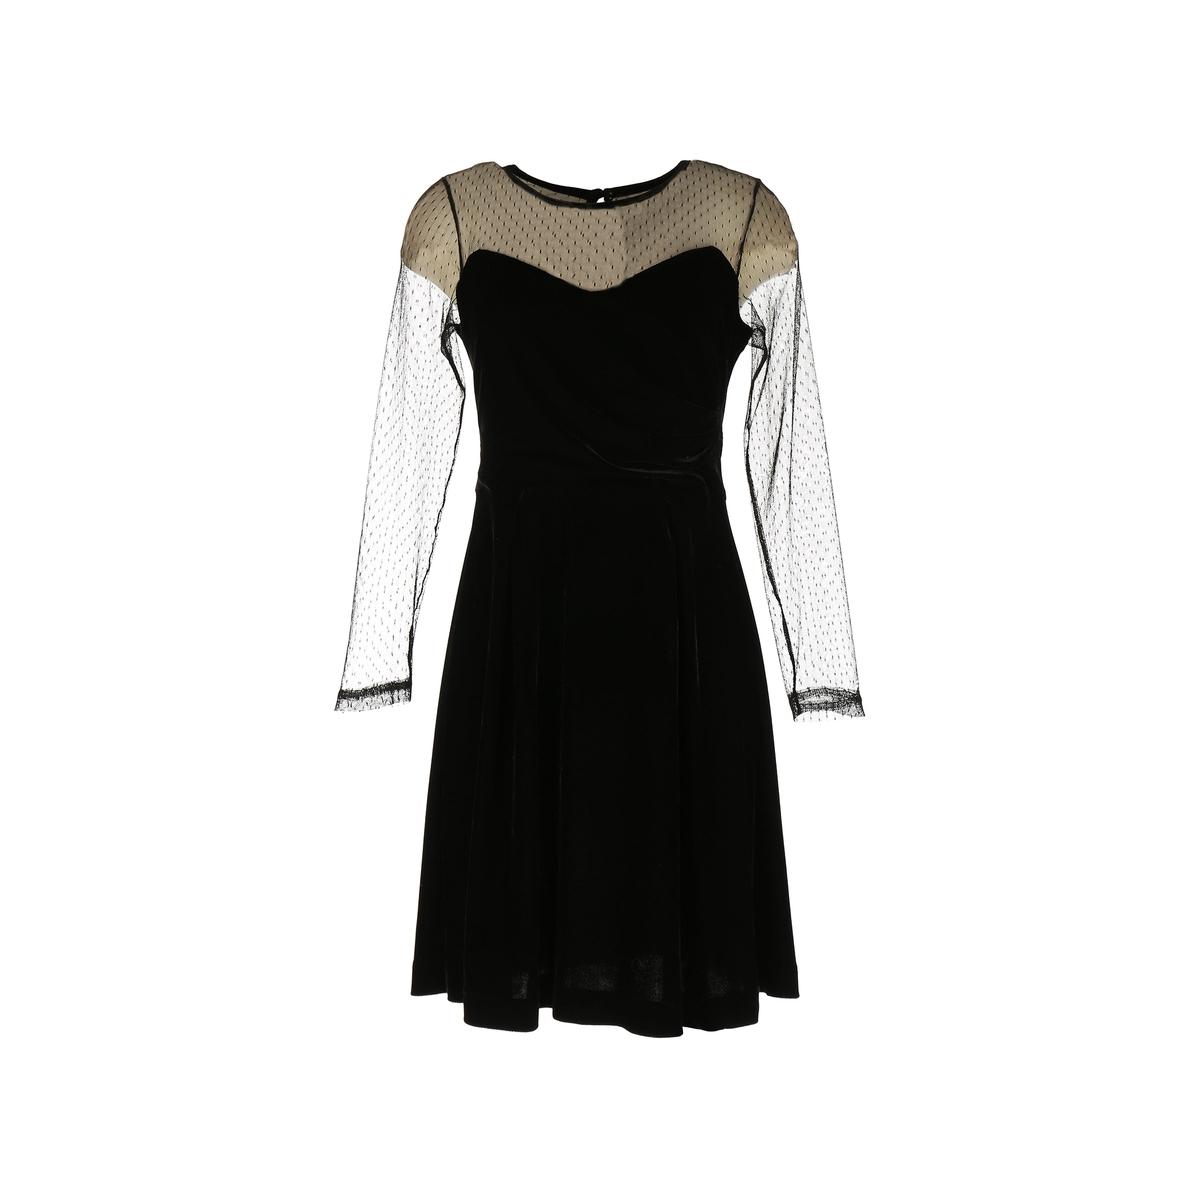 Платье короткое с длинными рукавами и кружевными вставками, расшитыми гладьюДетали •  Форма : расклешенная •  Короткое  •  Длинные рукава     •  Круглый вырезСостав и уход •  4% эластана, 96% полиэстера  •  Следуйте советам по уходу, указанным на этикетке<br><br>Цвет: черный<br>Размер: L